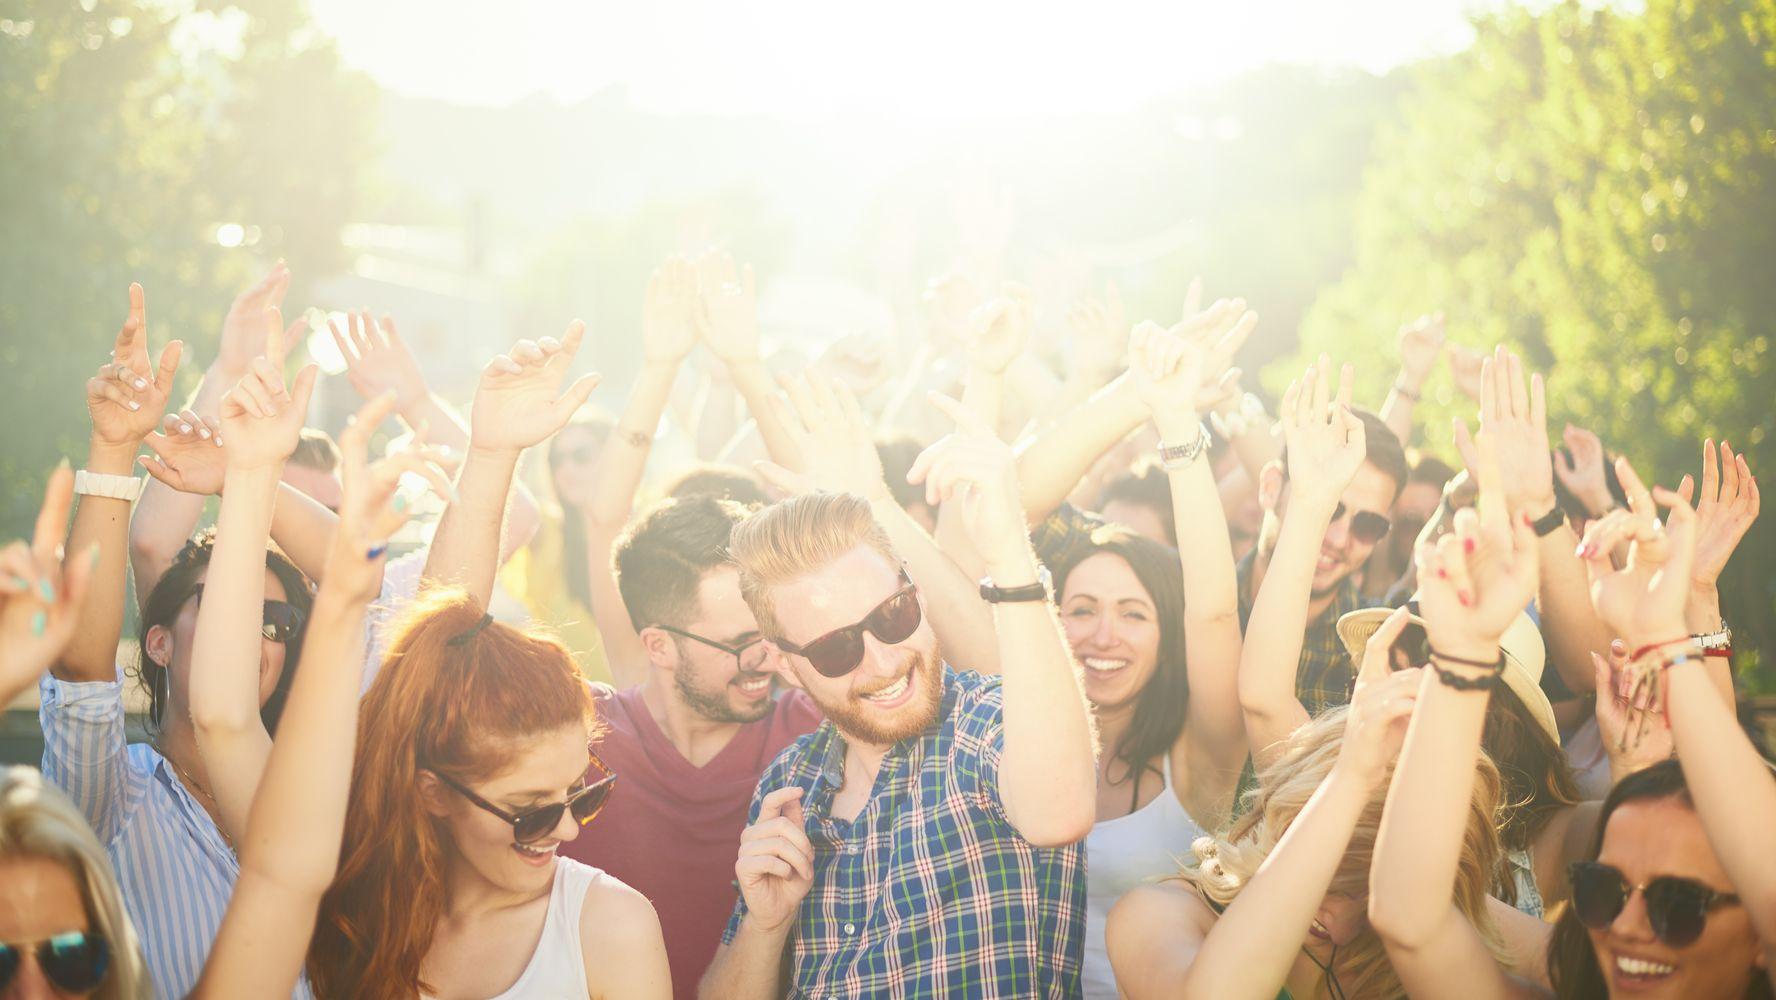 Covid-19: Une fête aux Buttes-Chaumont malgré les mesures sanitaires